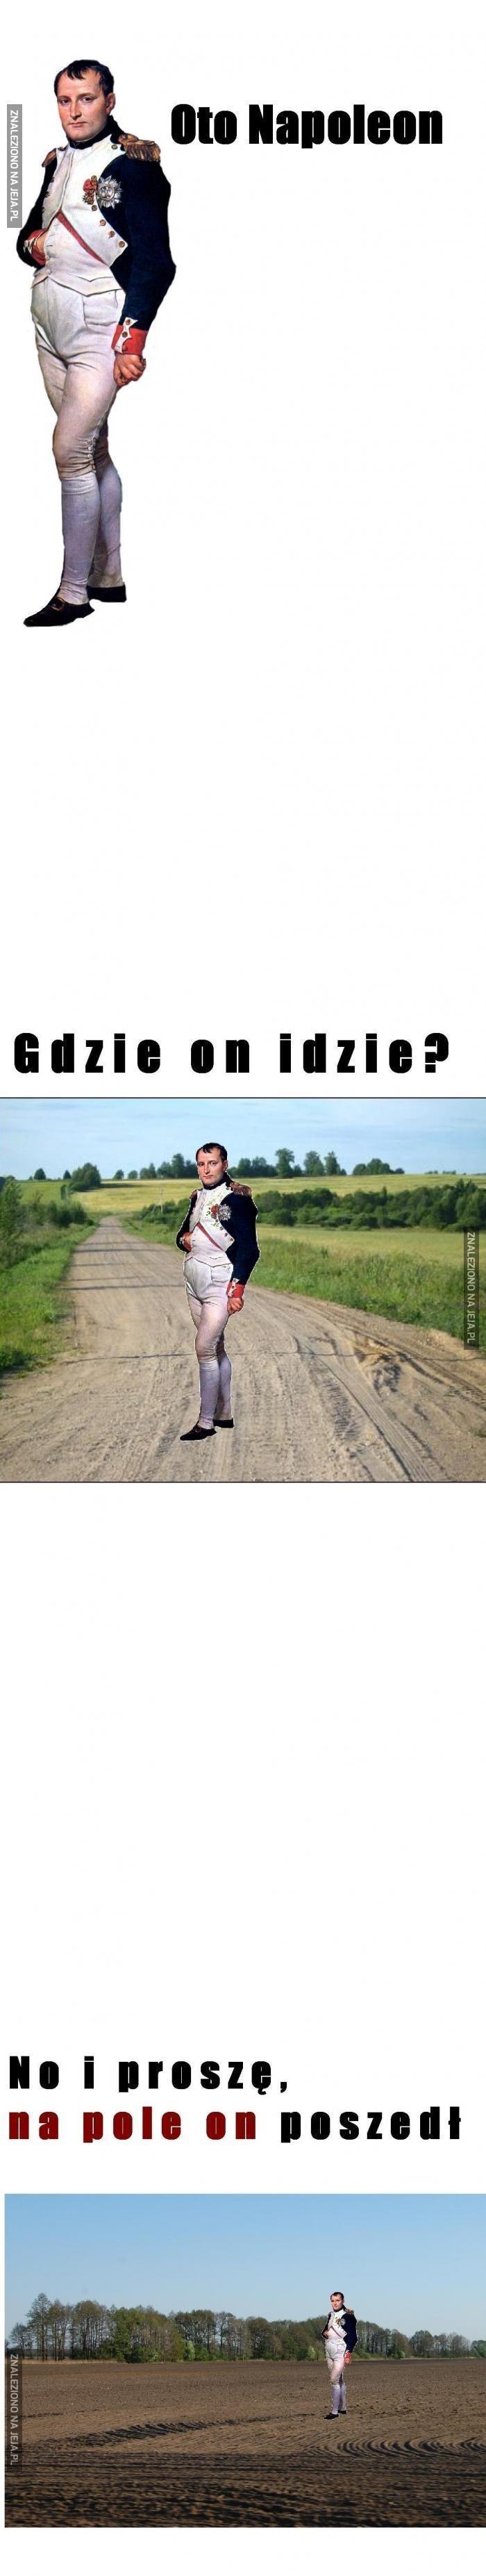 Ah ten Napoleon